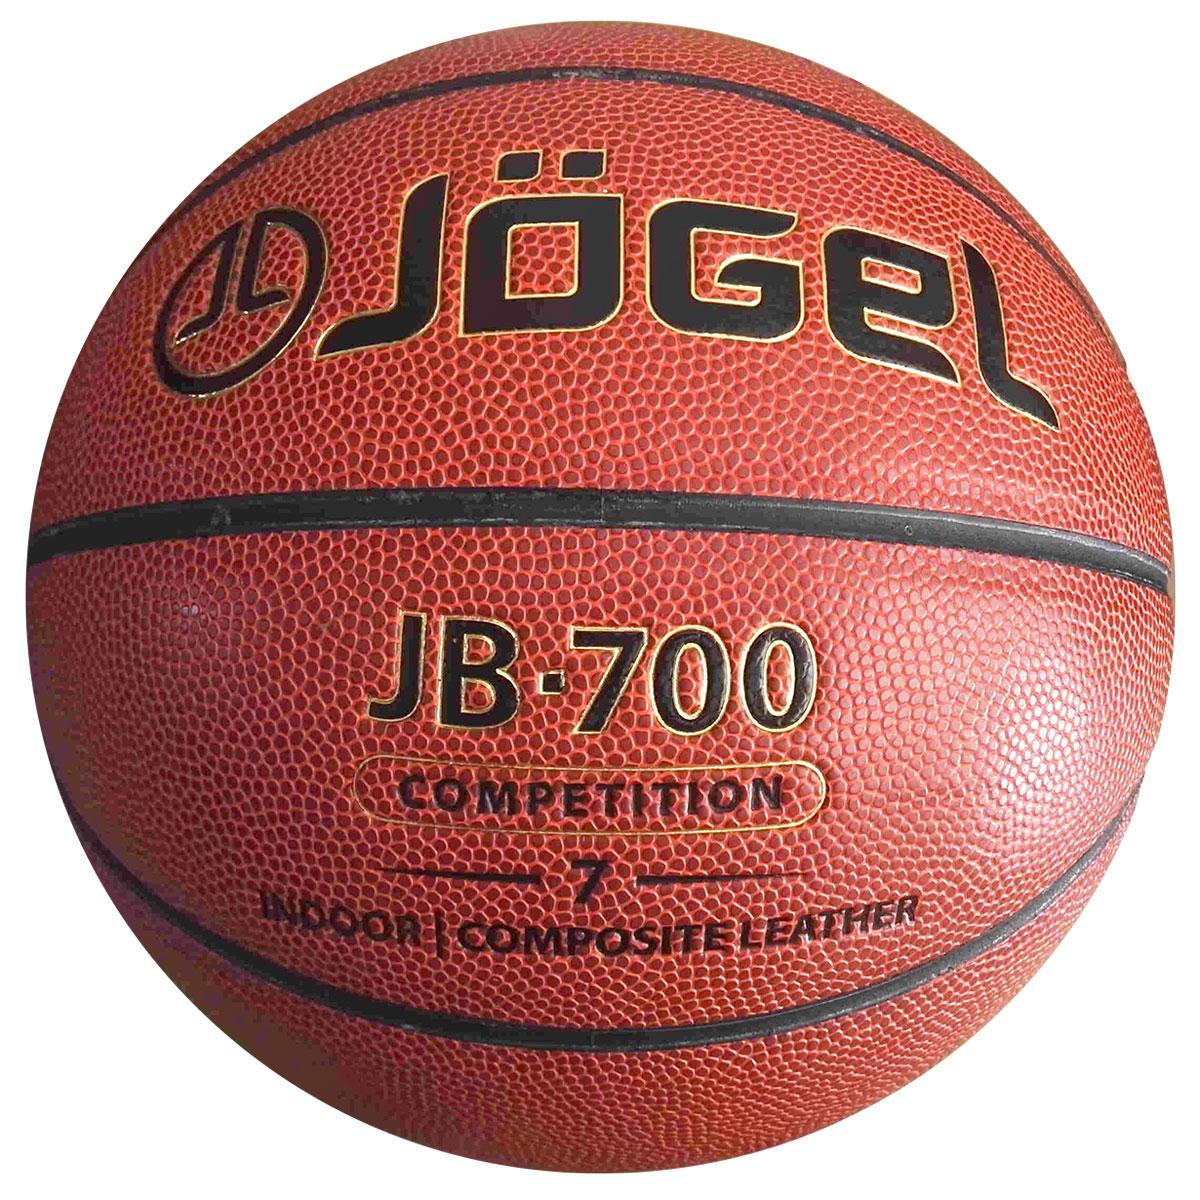 Мяч баскетбольный Jogel, цвет: коричневый. Размер 7. JB-700 баскетбольный мяч р 6 and1 competition micro fibre composite page 3